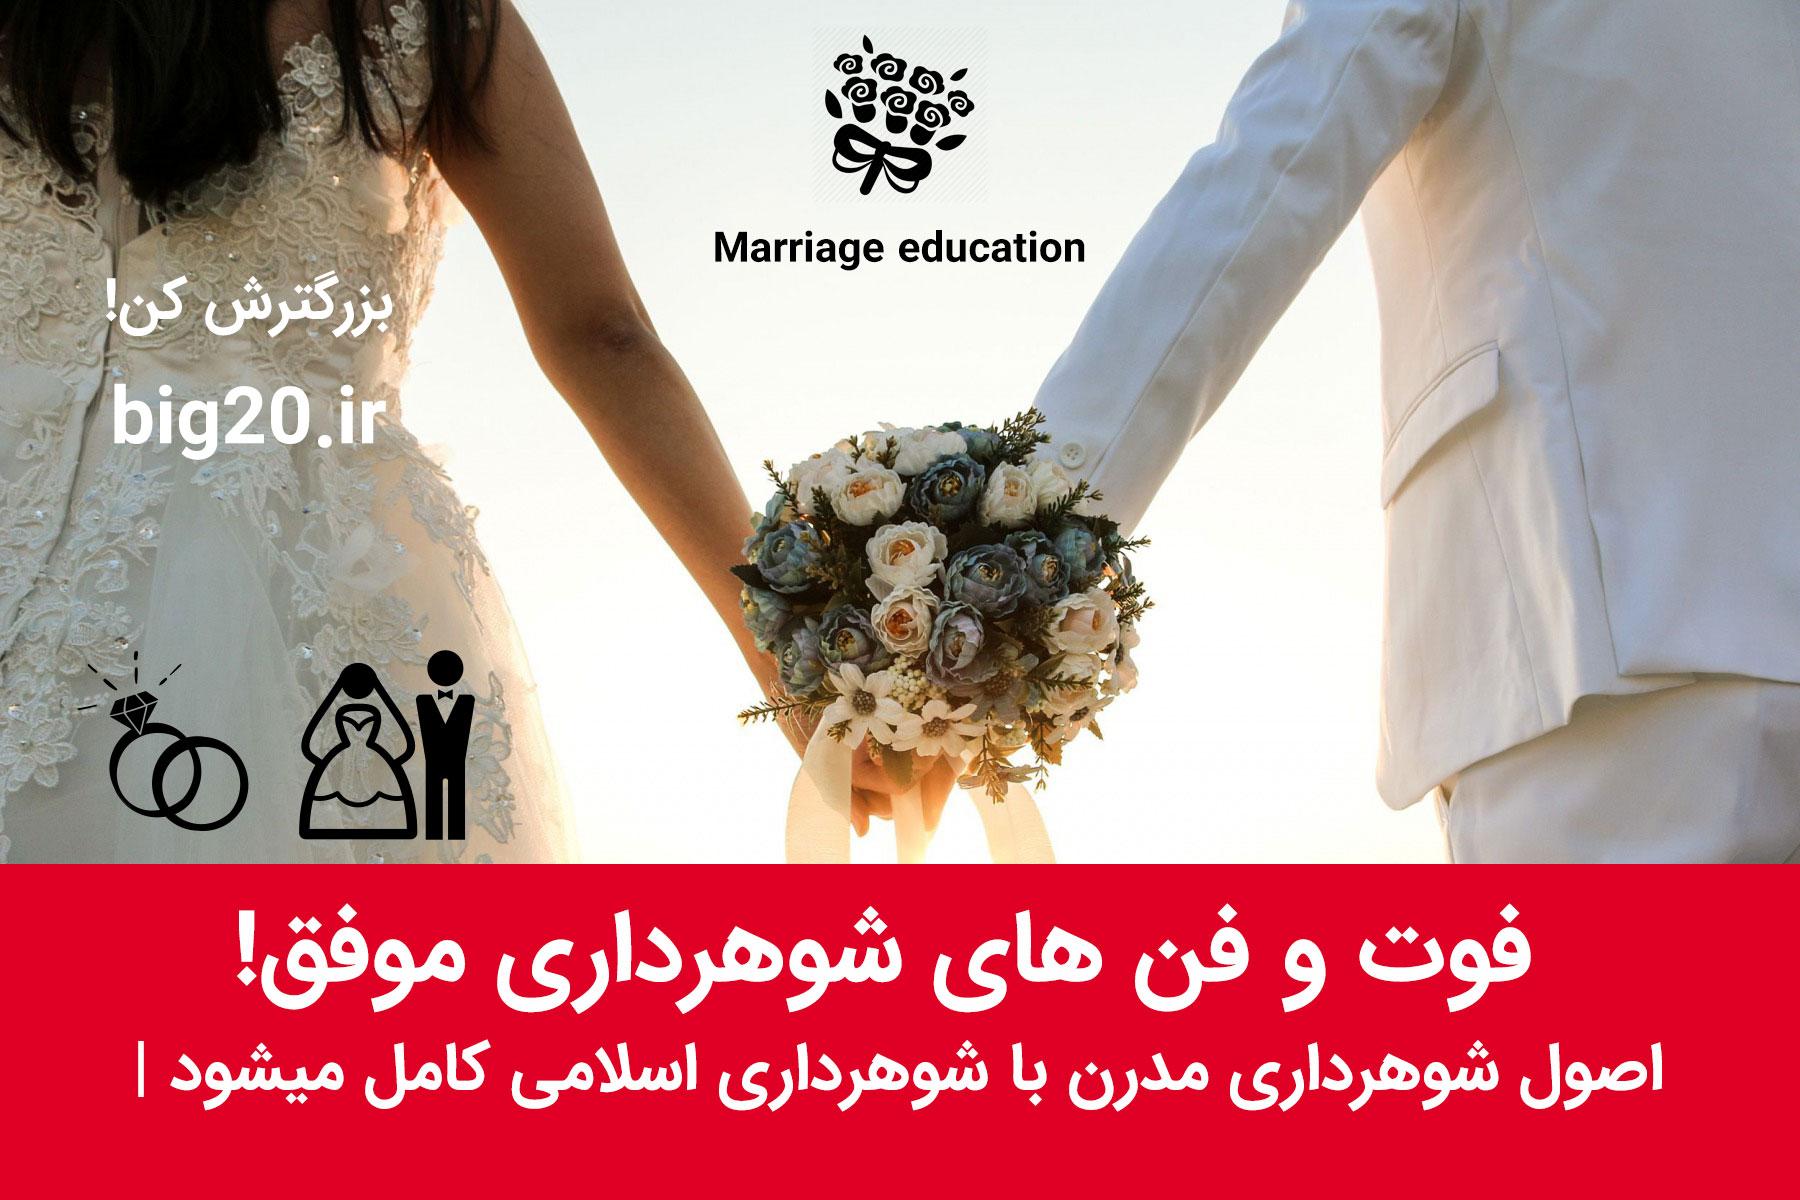 شوهرداری در اسلام شوهرداری اسلامی شوهرداری موفق کتاب شوهرداری شوهرداری مدرن شوهرداری عصر جدید